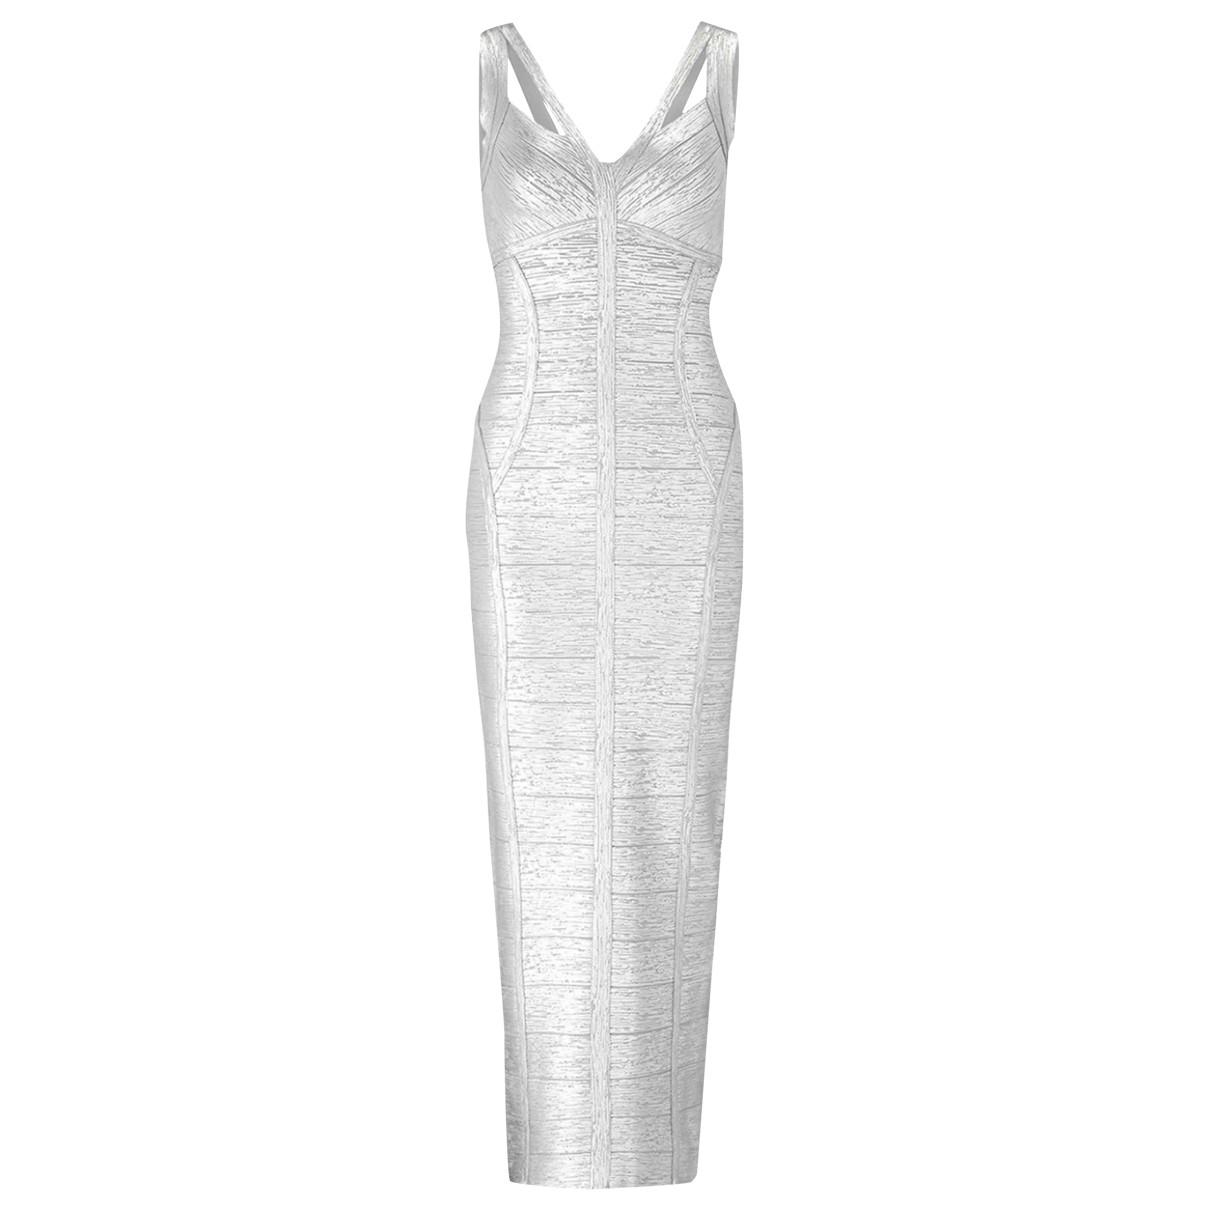 Karen Millen \N Silver dress for Women S International